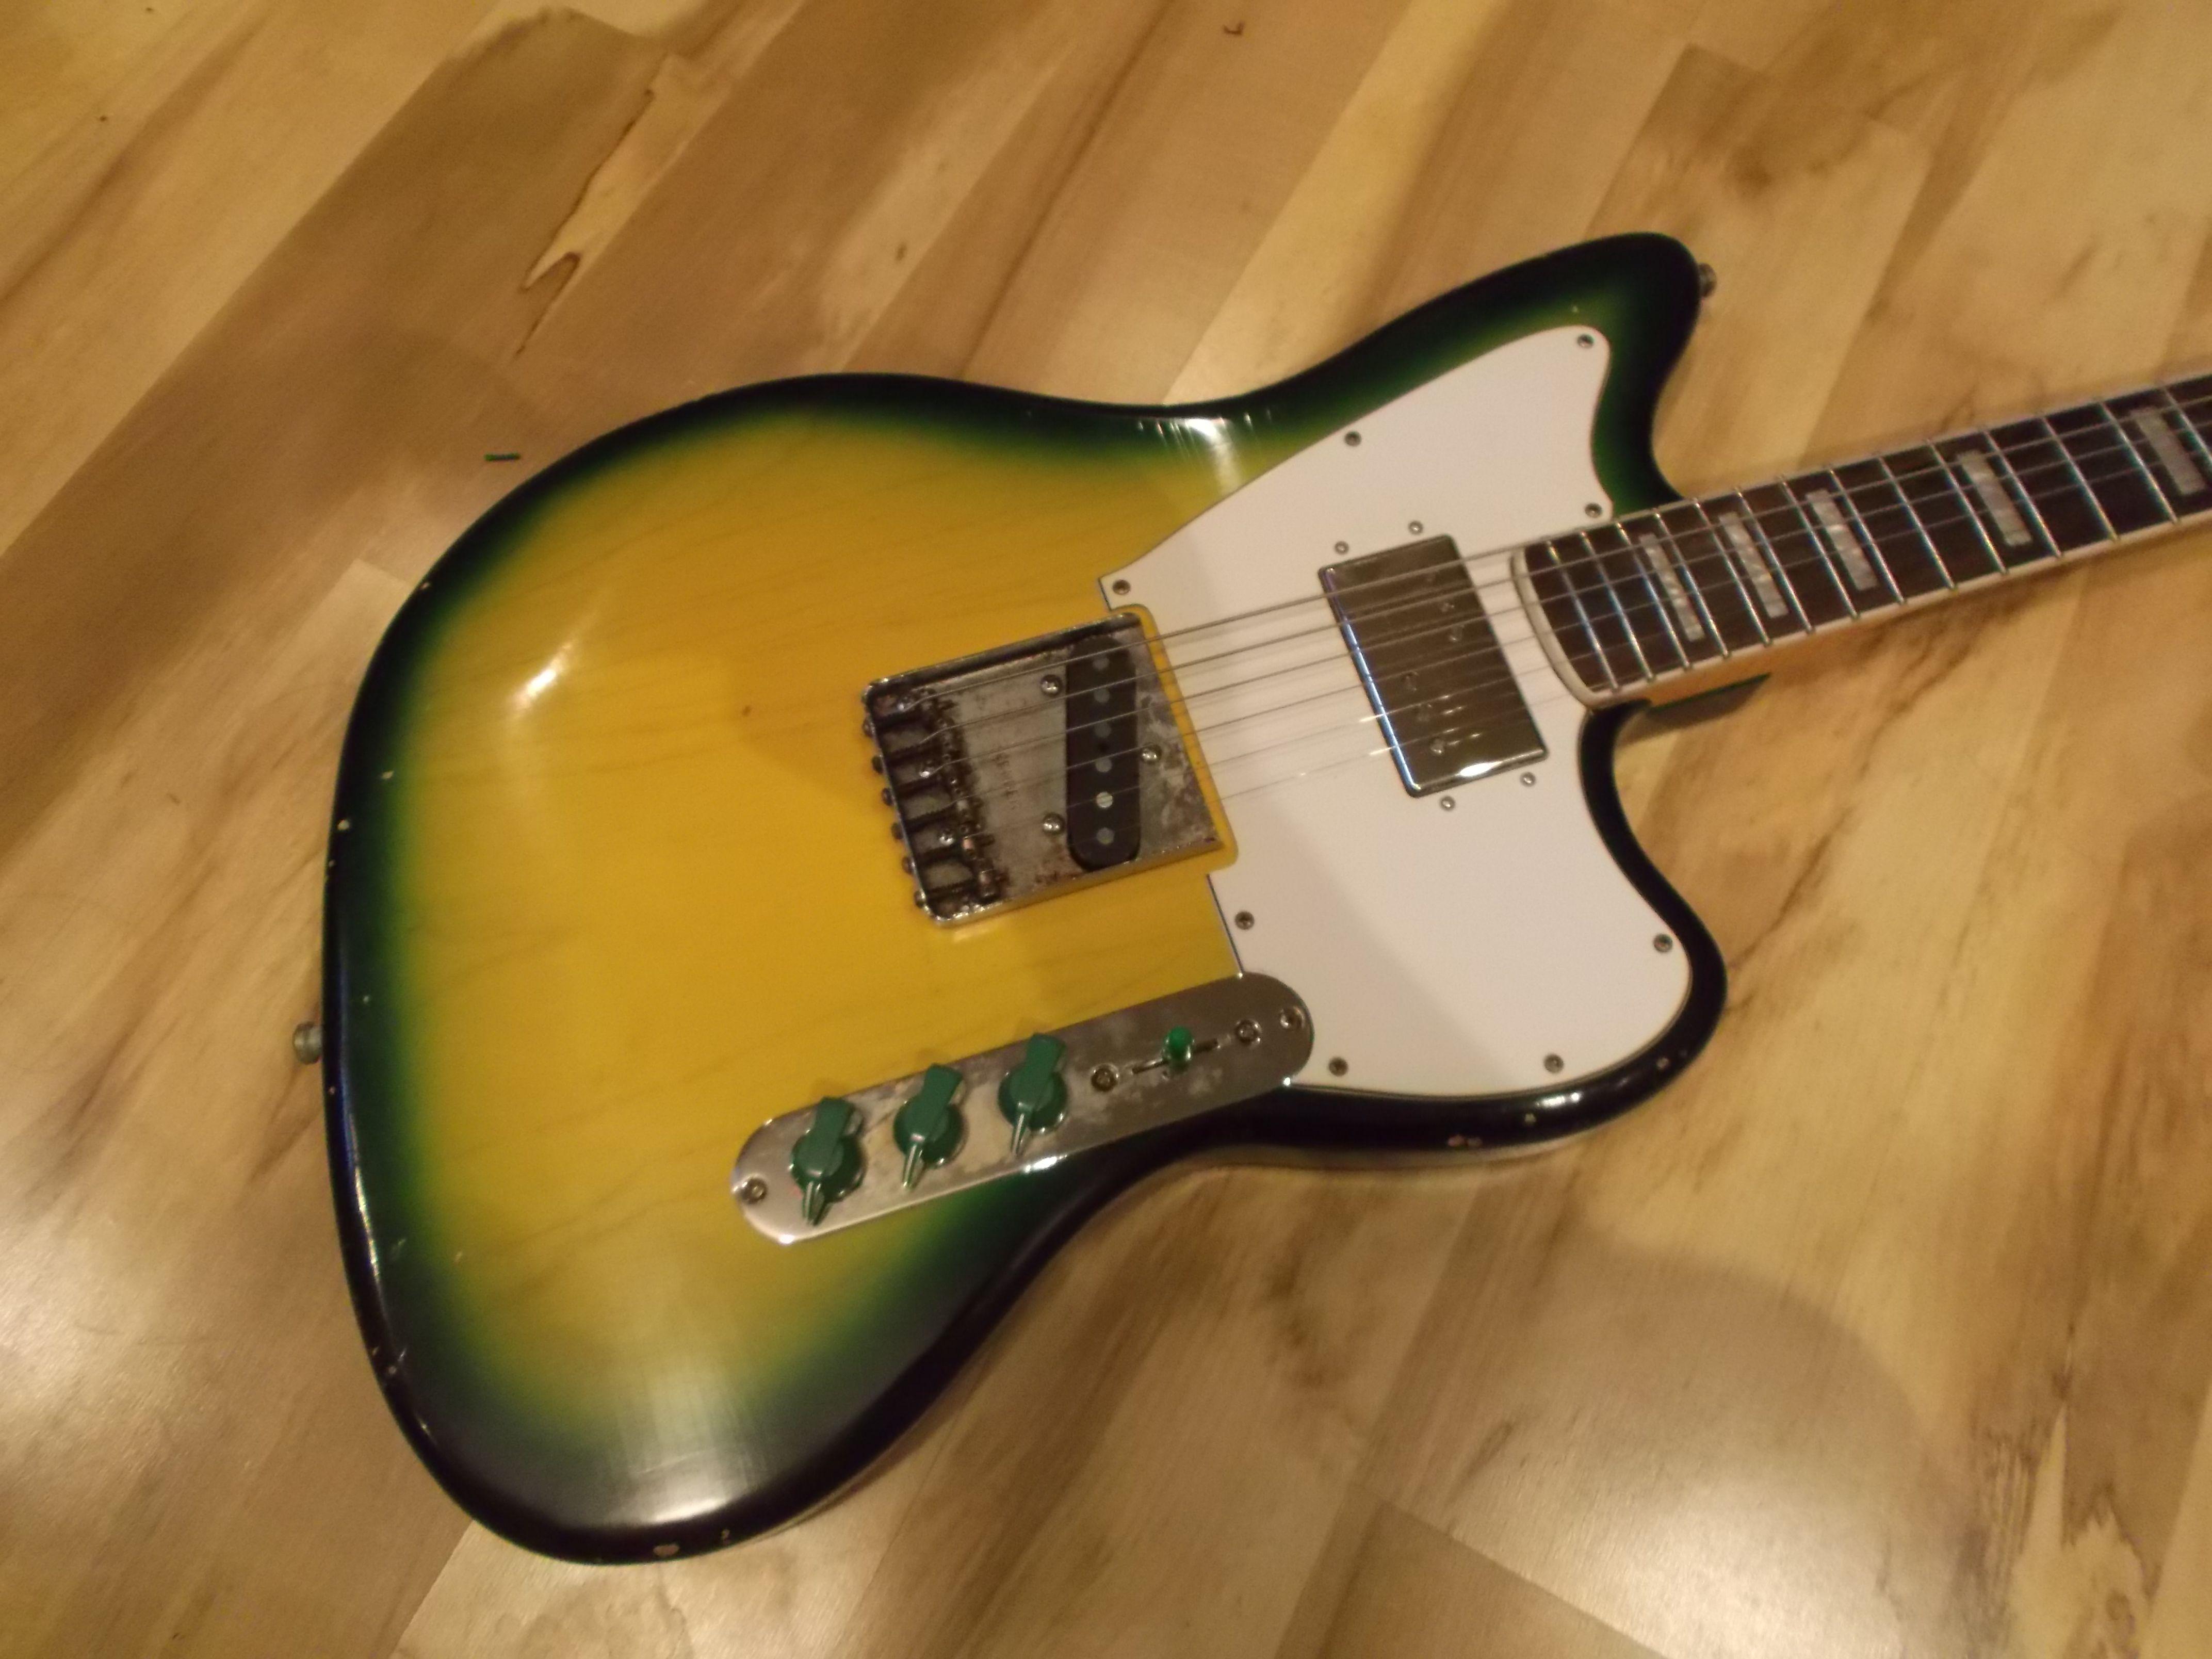 Fender style Telemaster / Jazzcaster / Partscaster in Greenburst